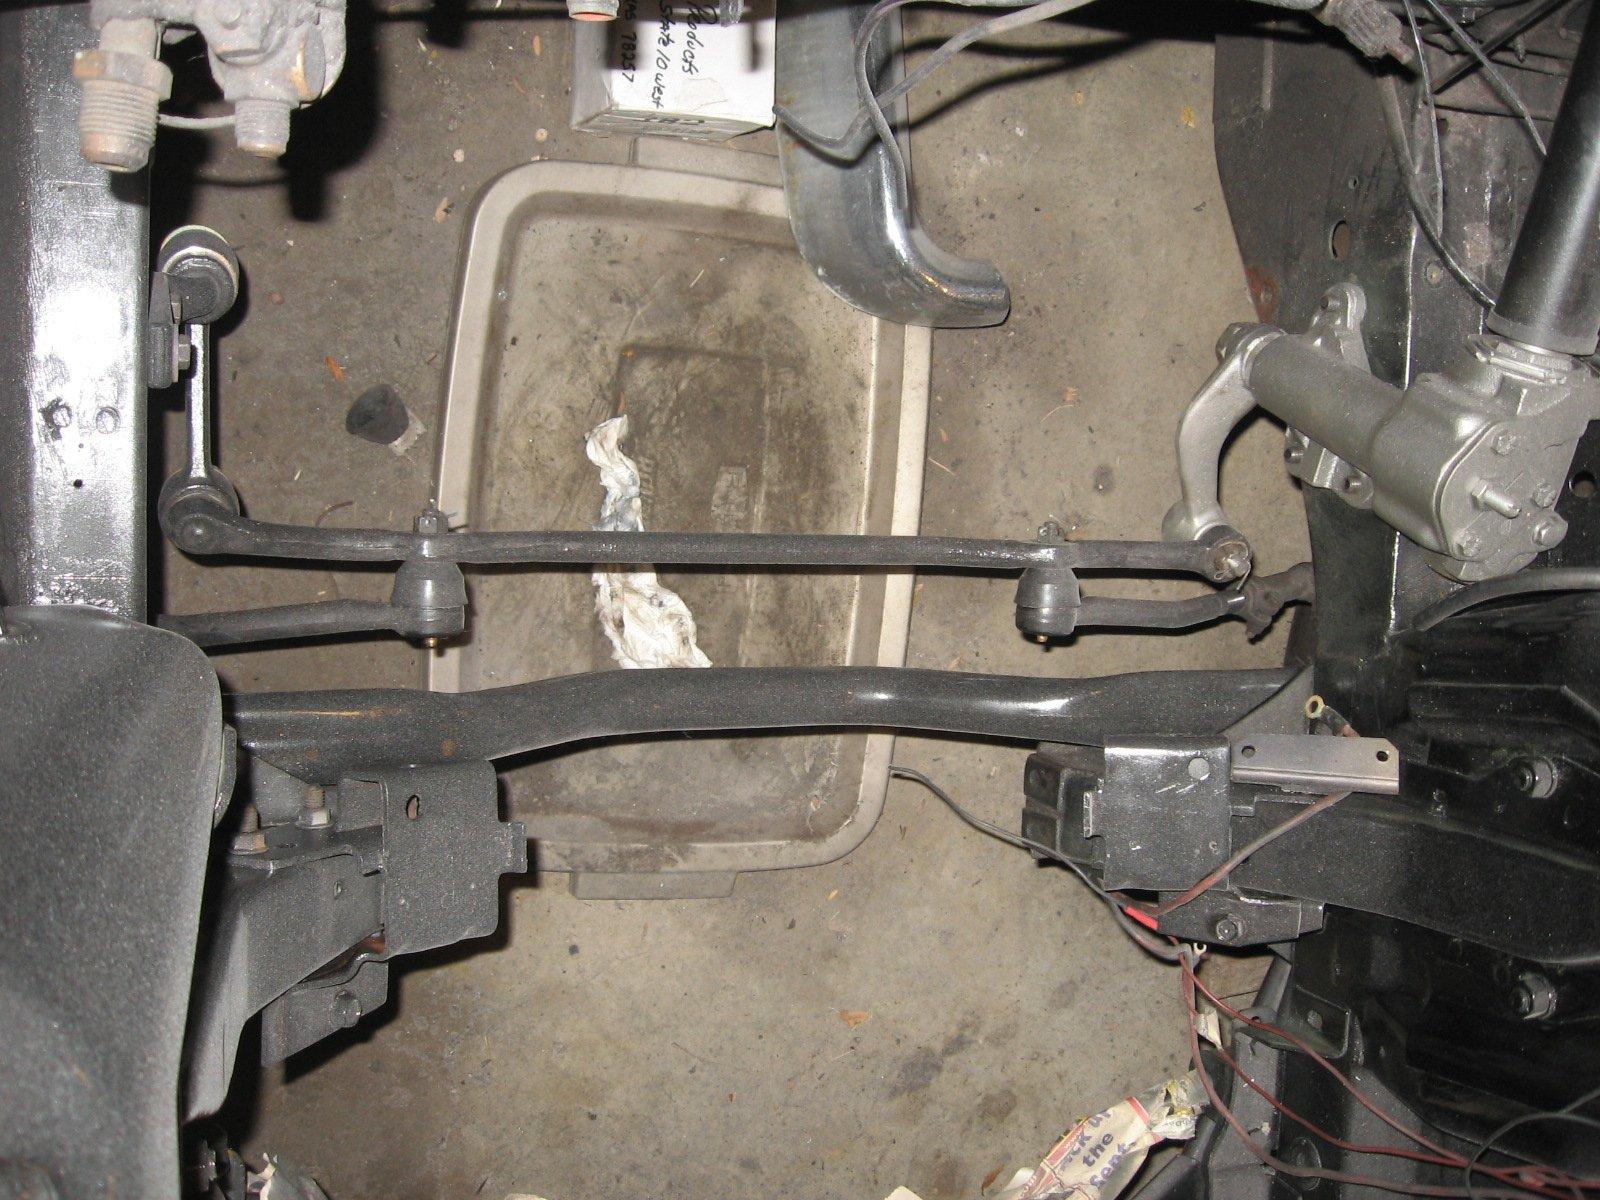 U0026 39 67 Steering Questions